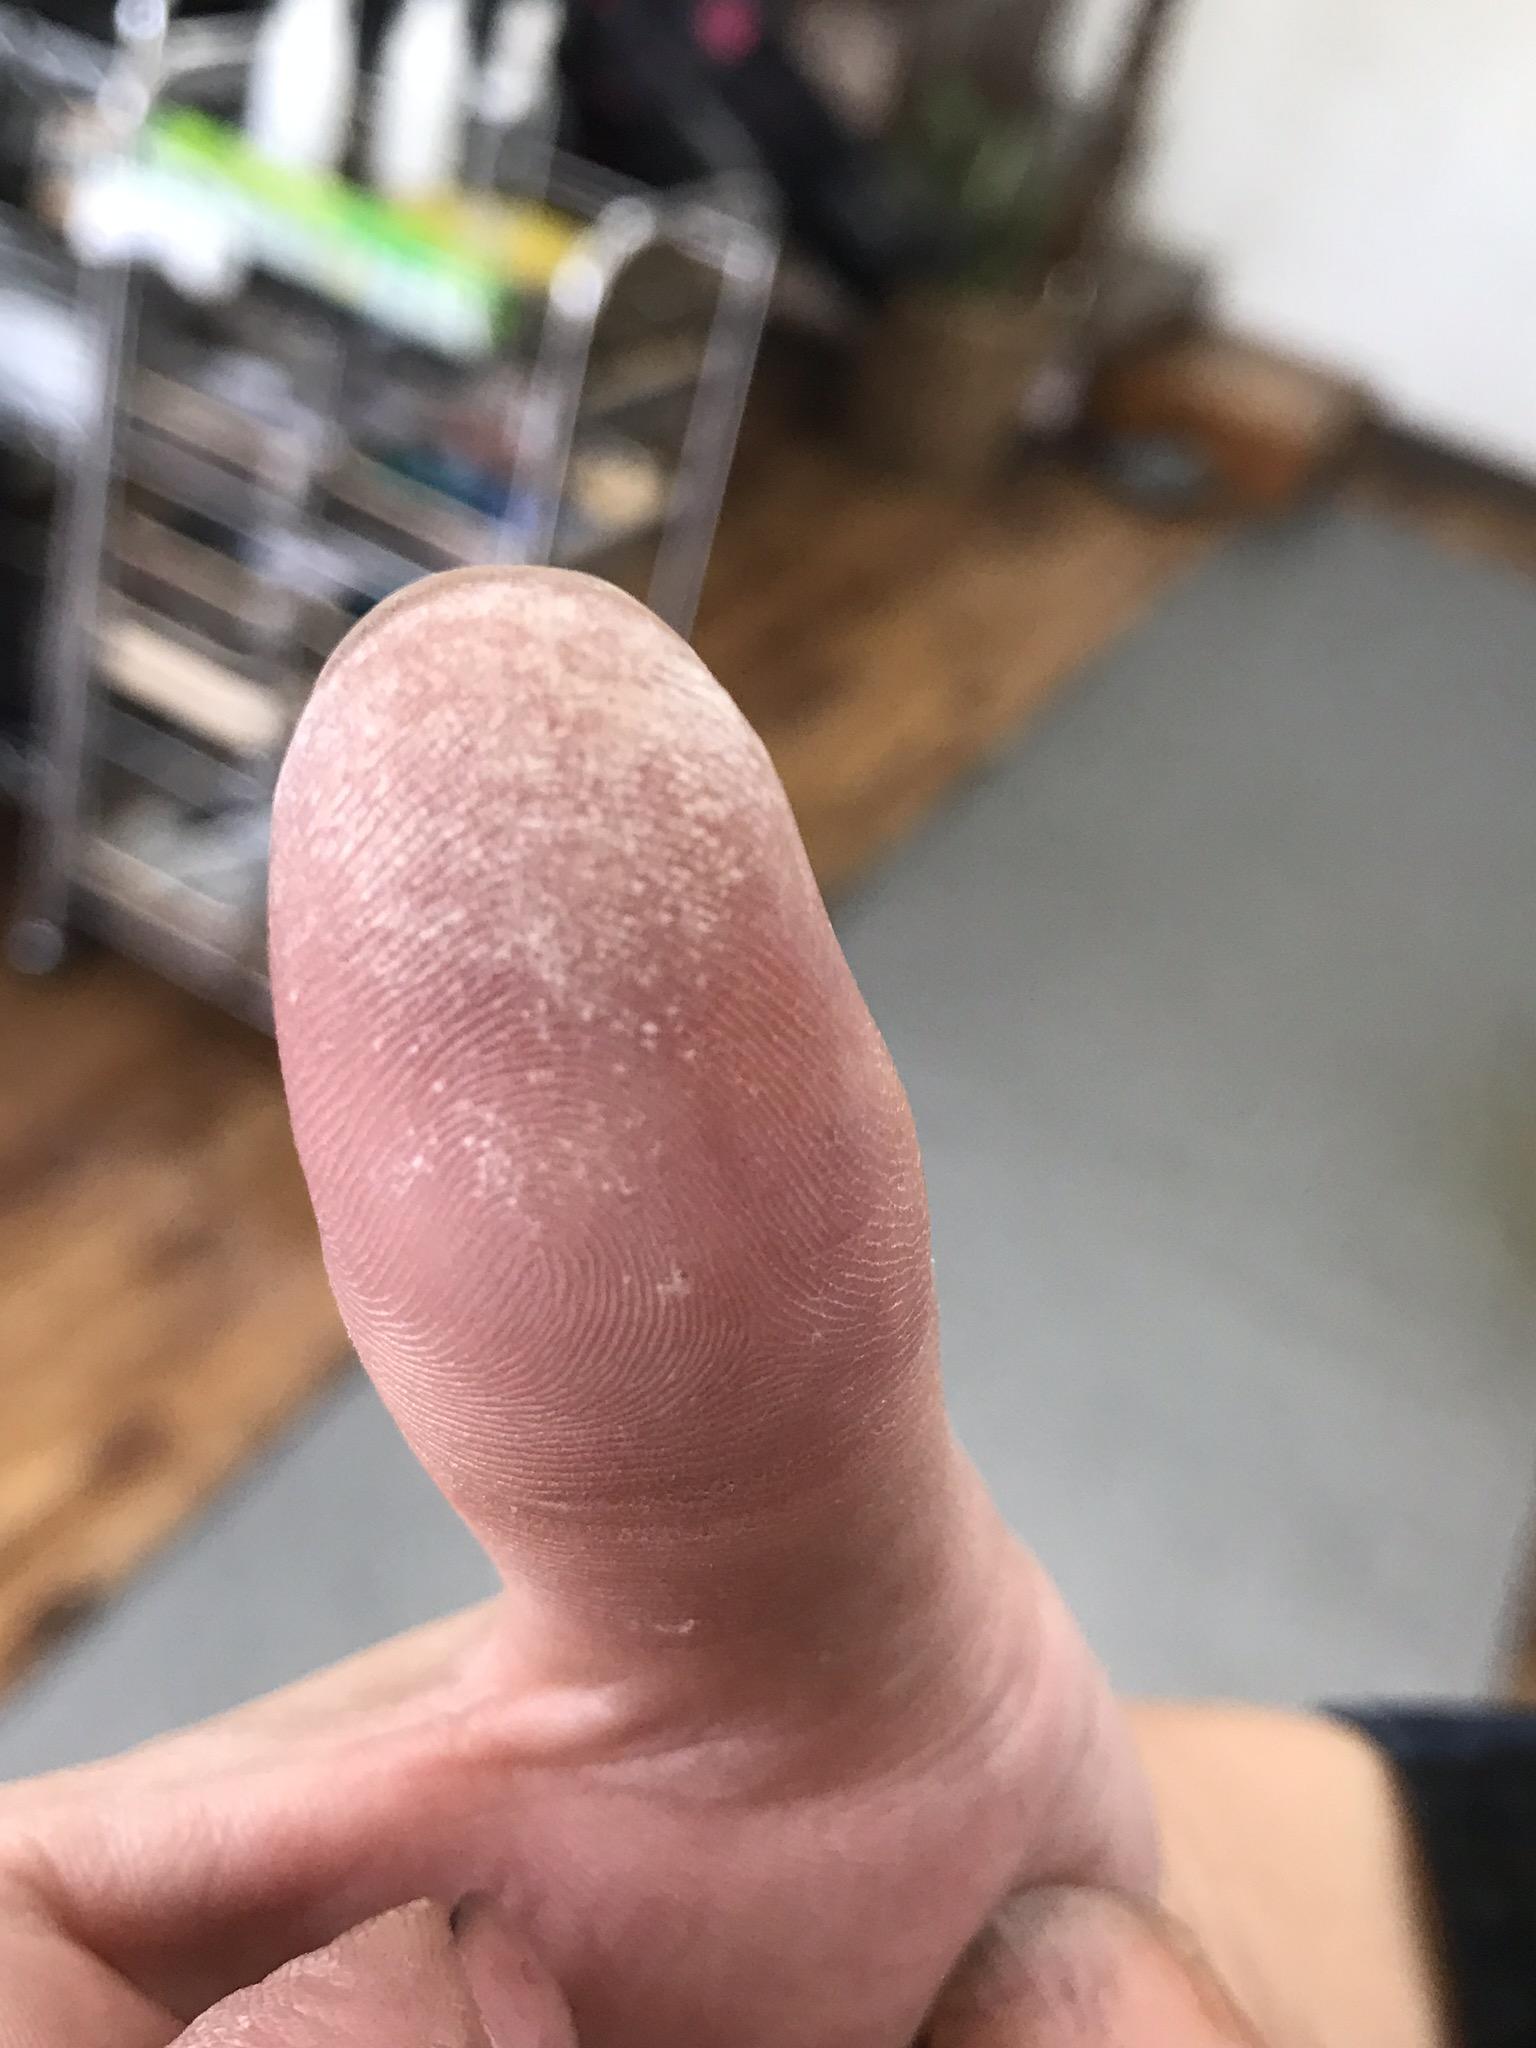 美容師あるある  忙しい時よく指が白くなって痛いよねー